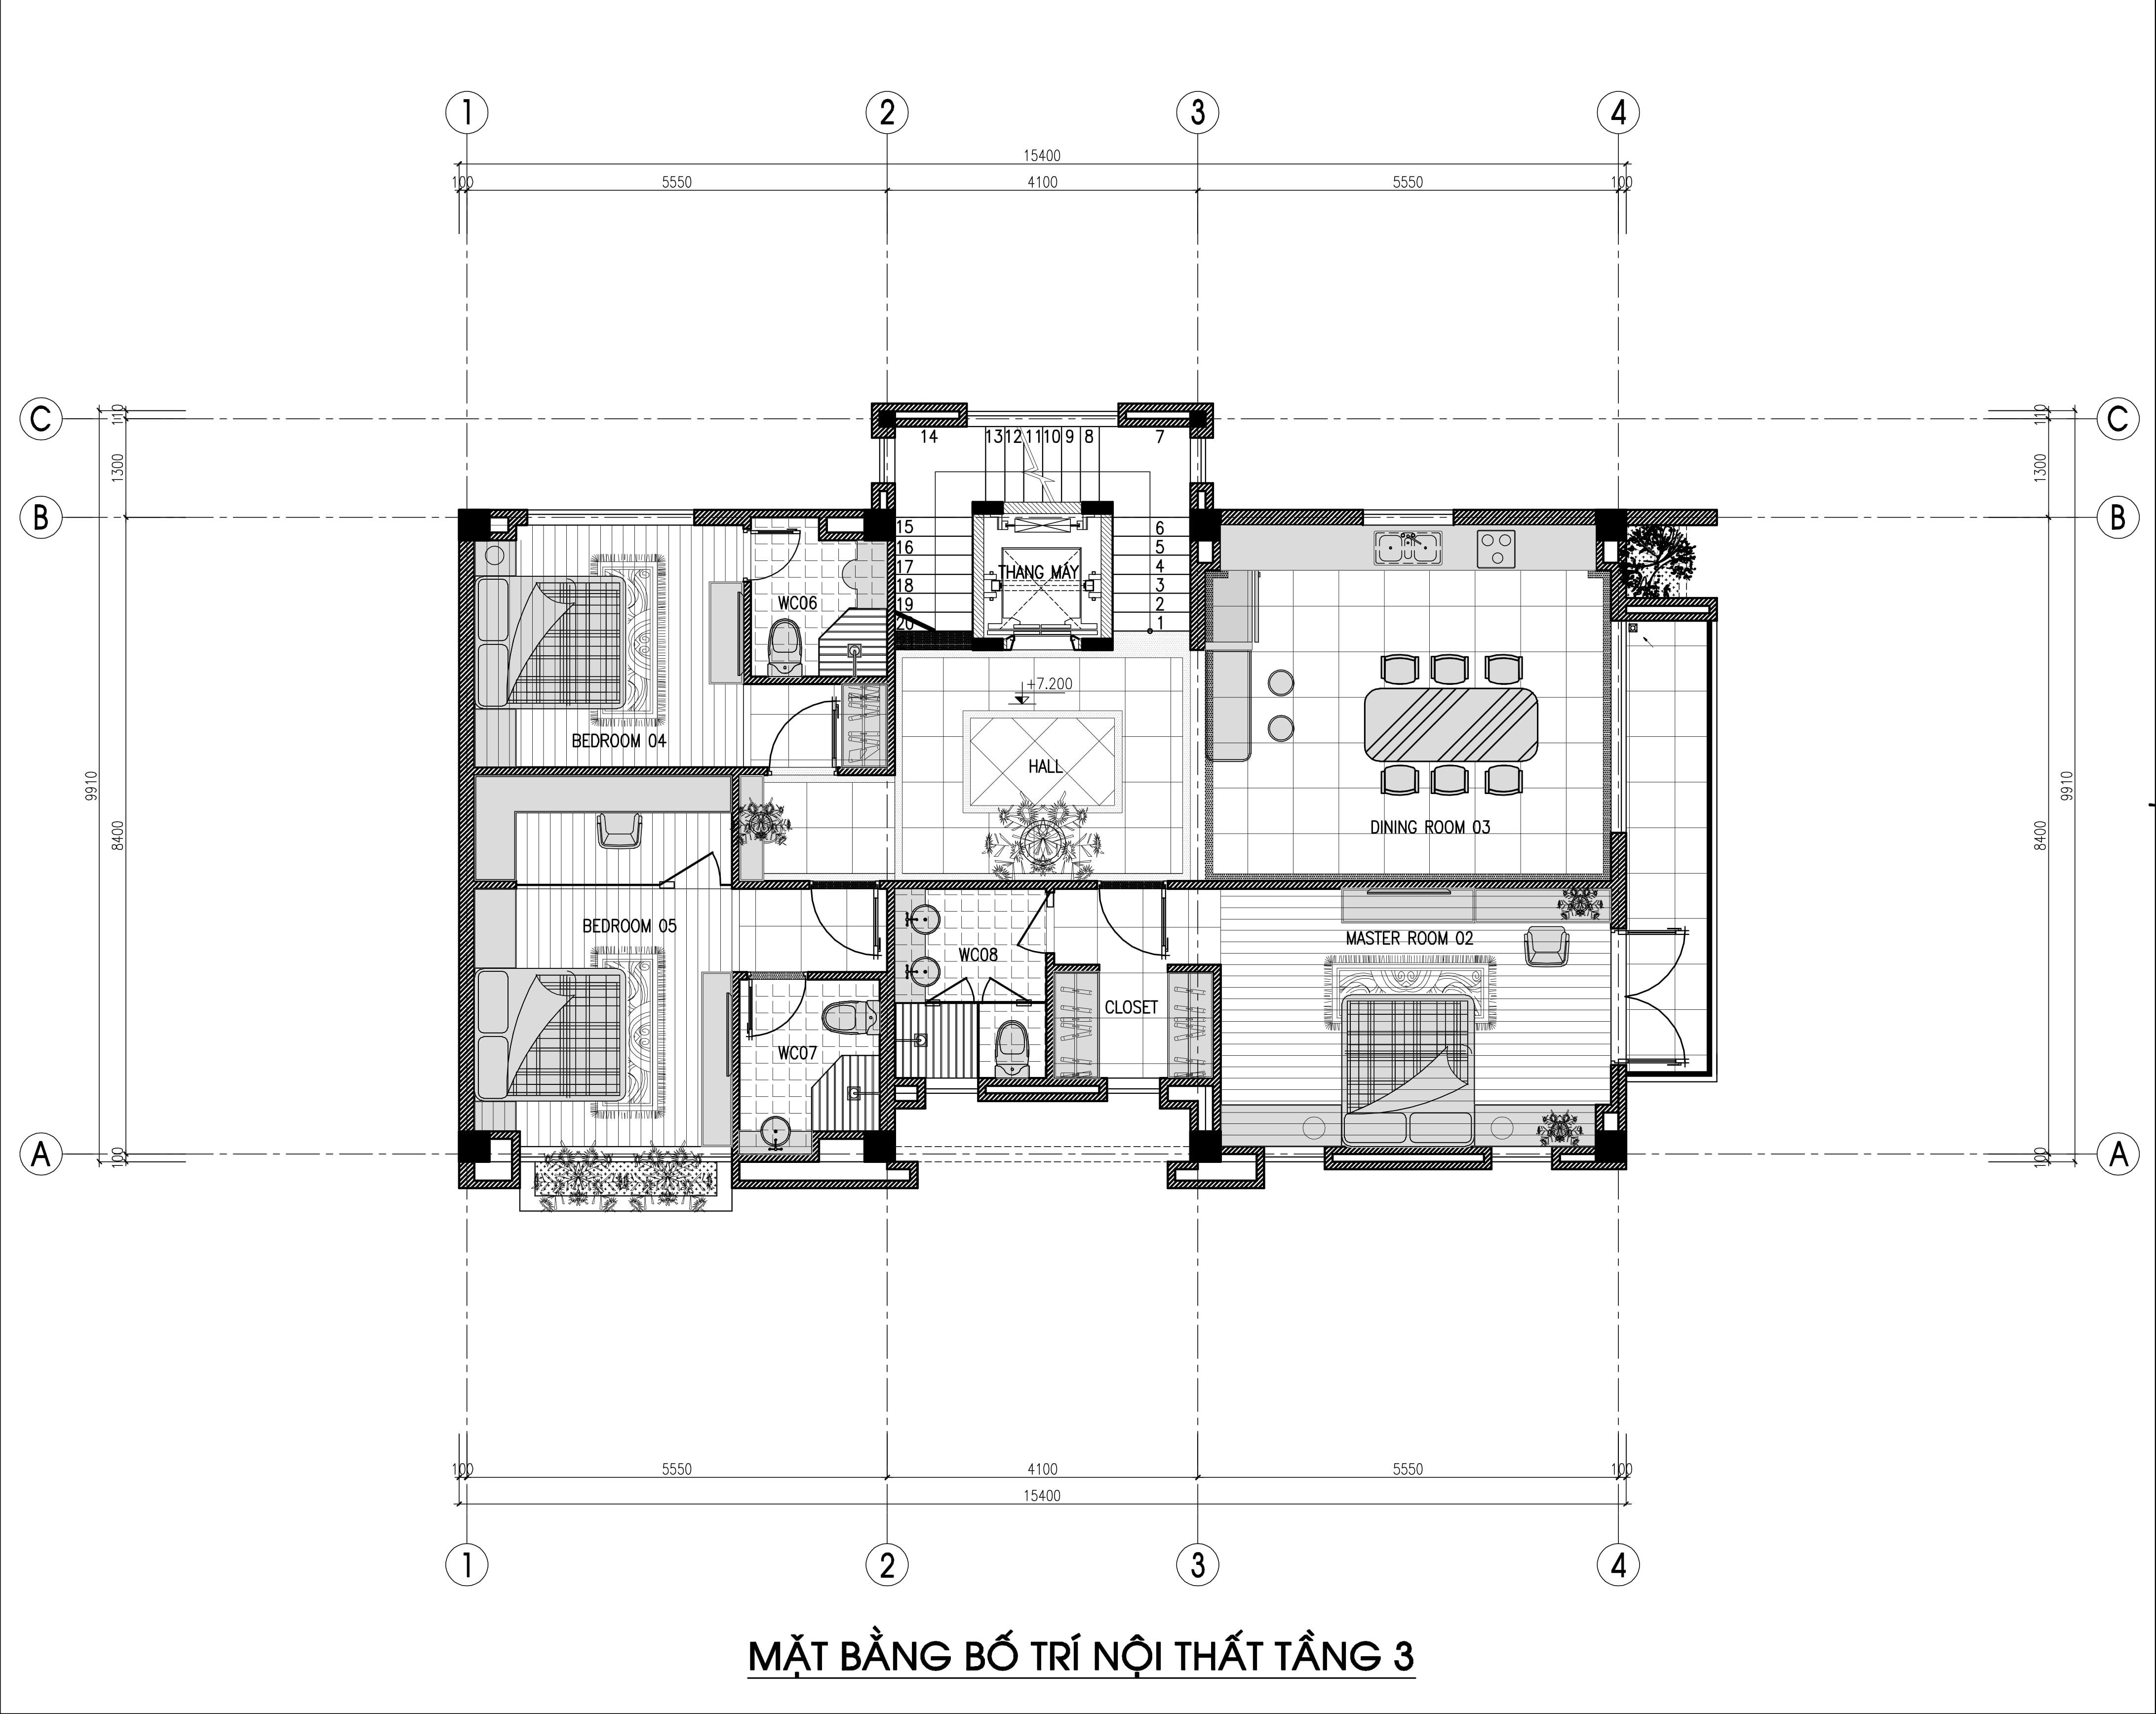 biệt thự 3 tầng 150m2 hiện đại đẹp 5